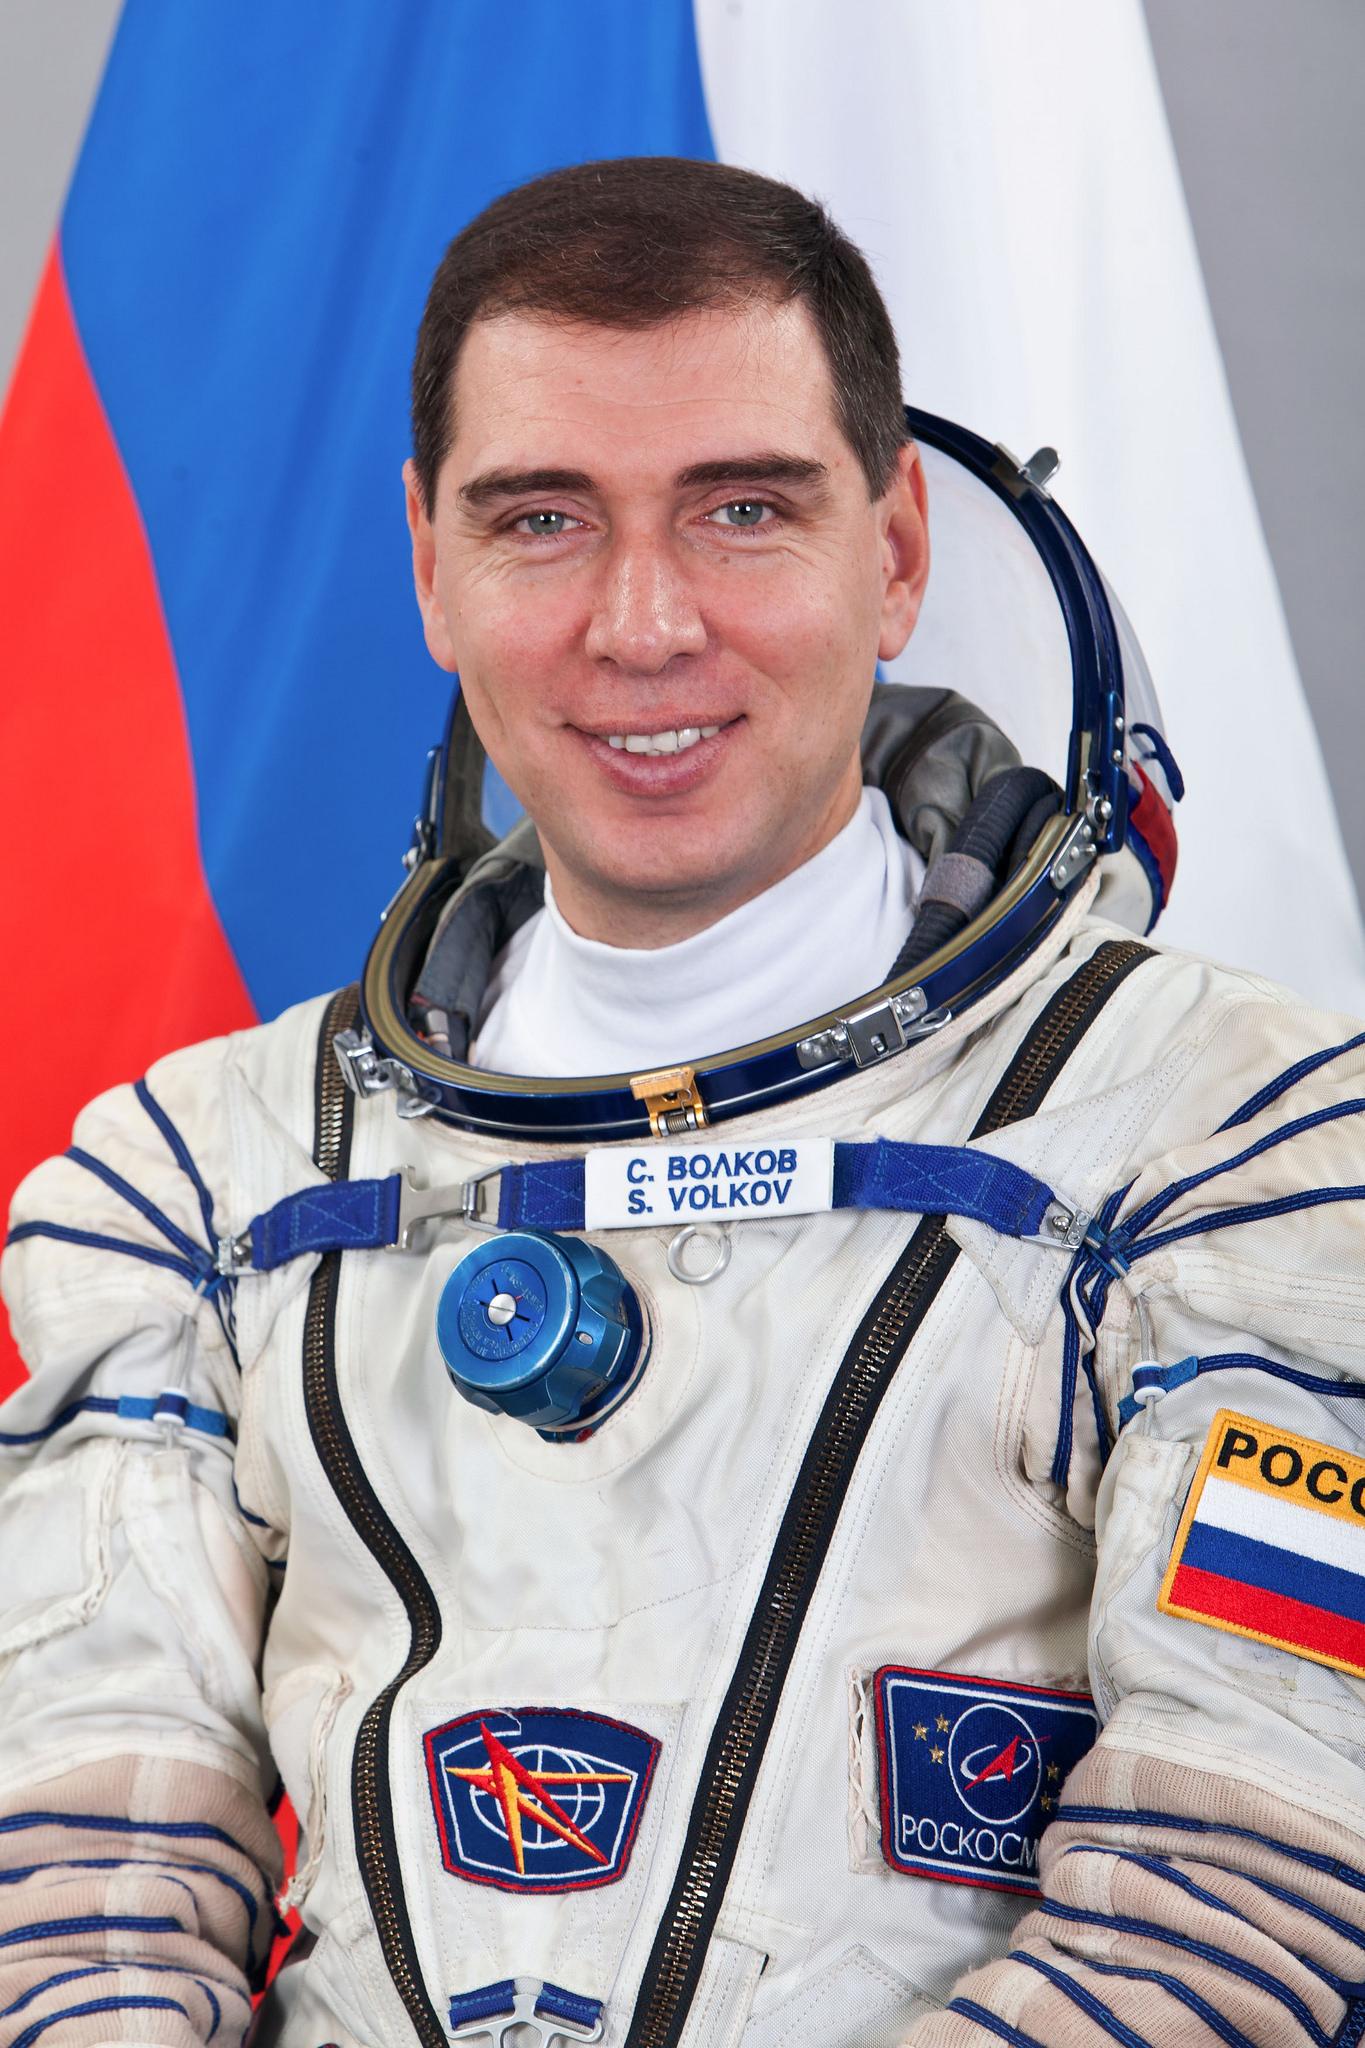 soviet astronauts - photo #15